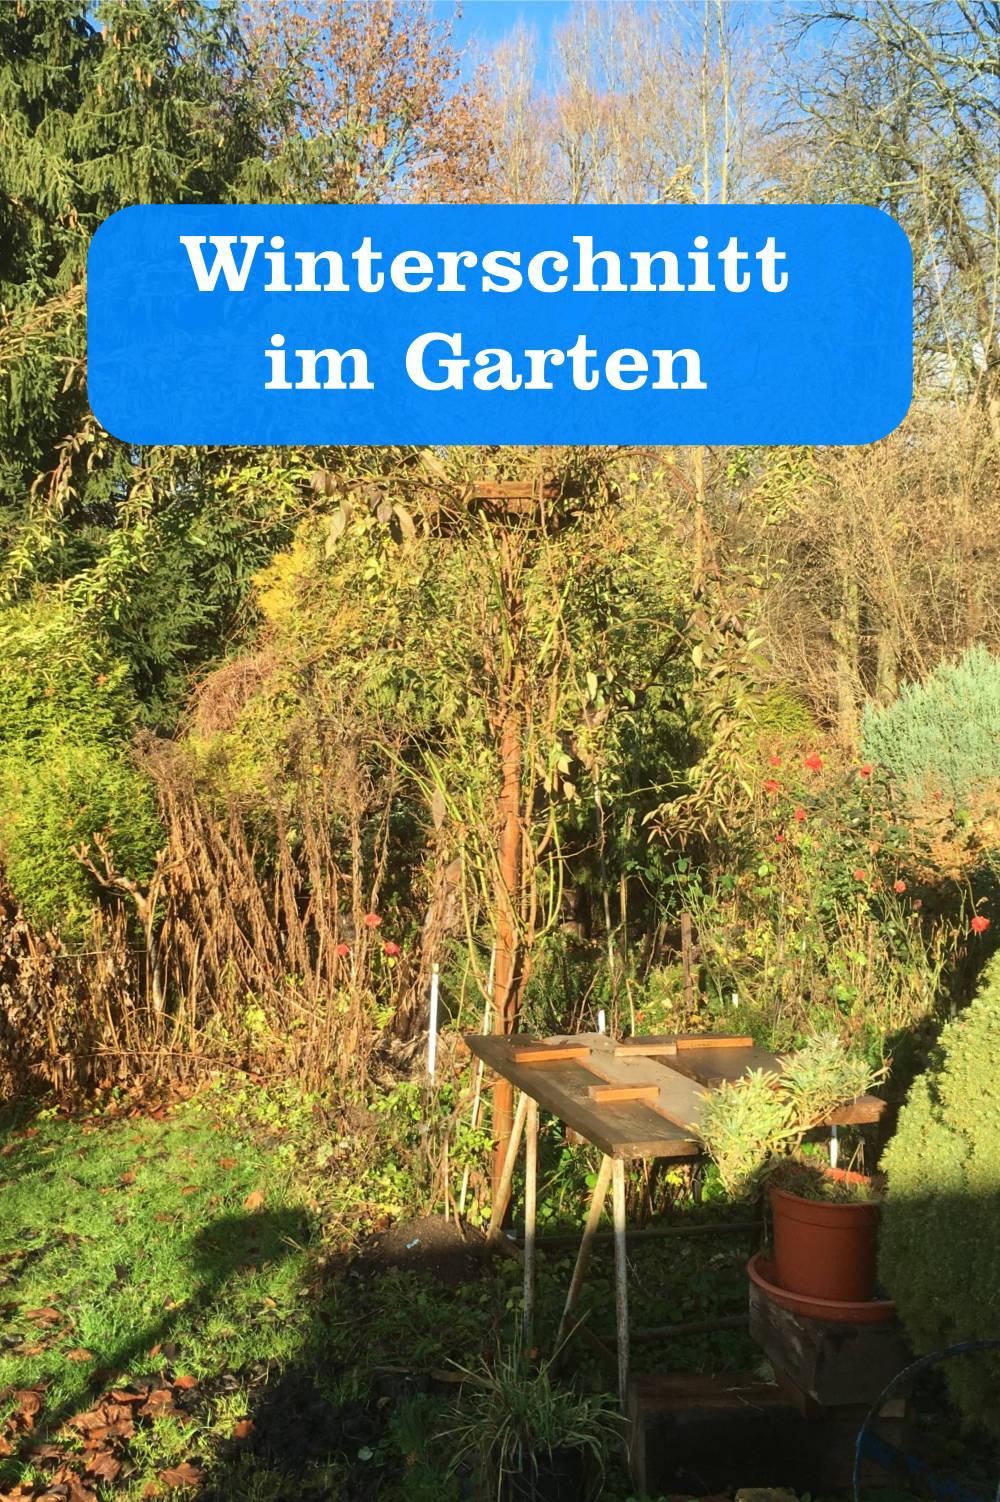 Winterschnitt im Garten